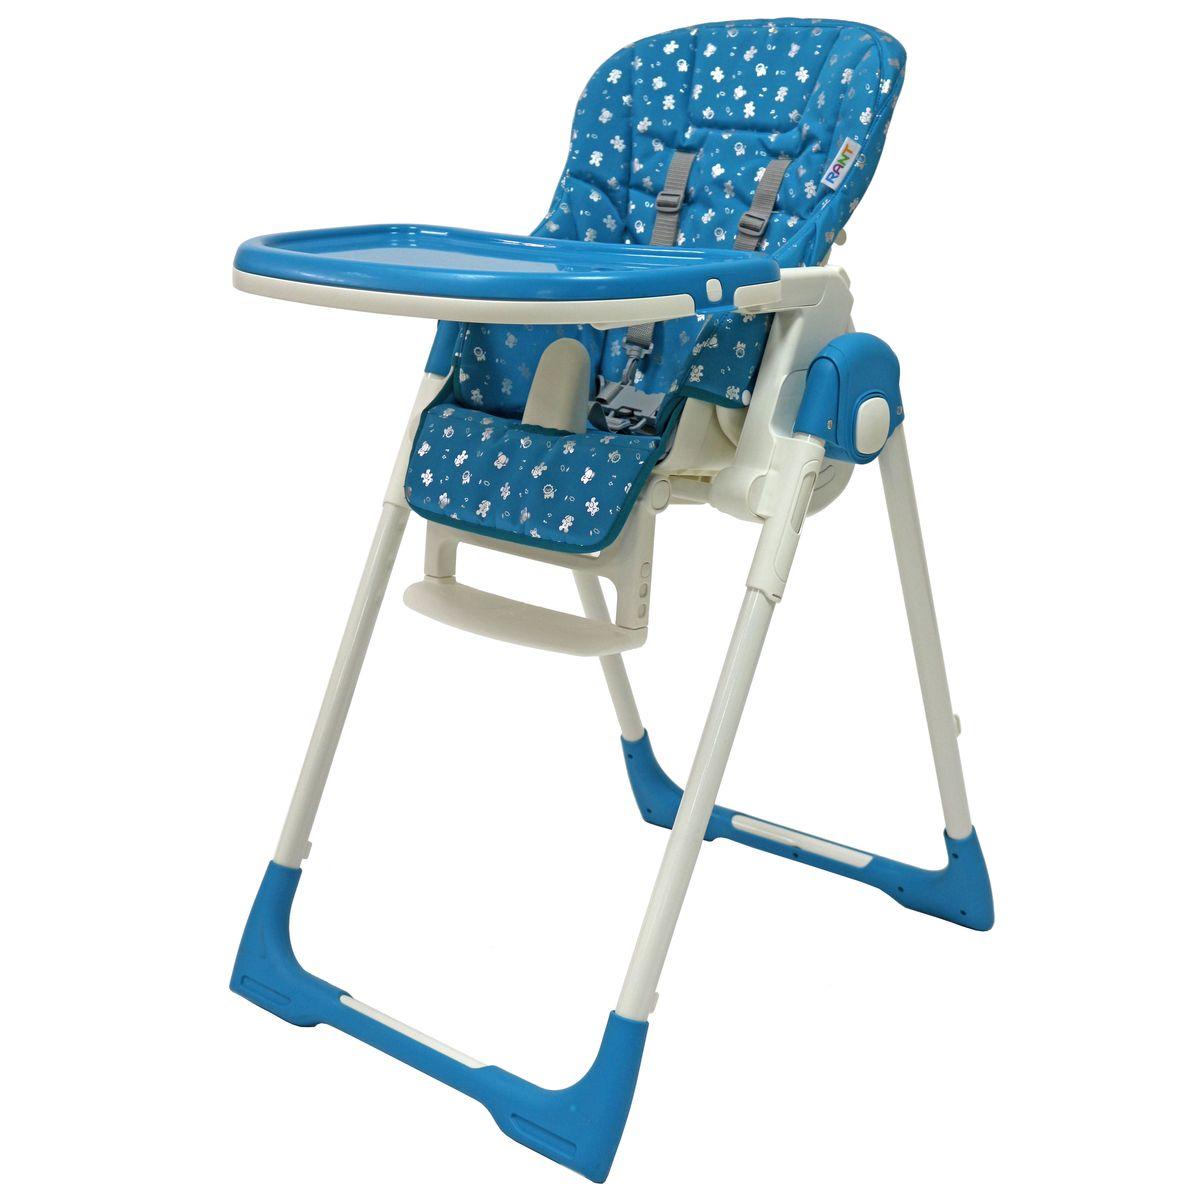 Rant Стульчик для кормления Crystal цвет голубой -  Стульчики для кормления